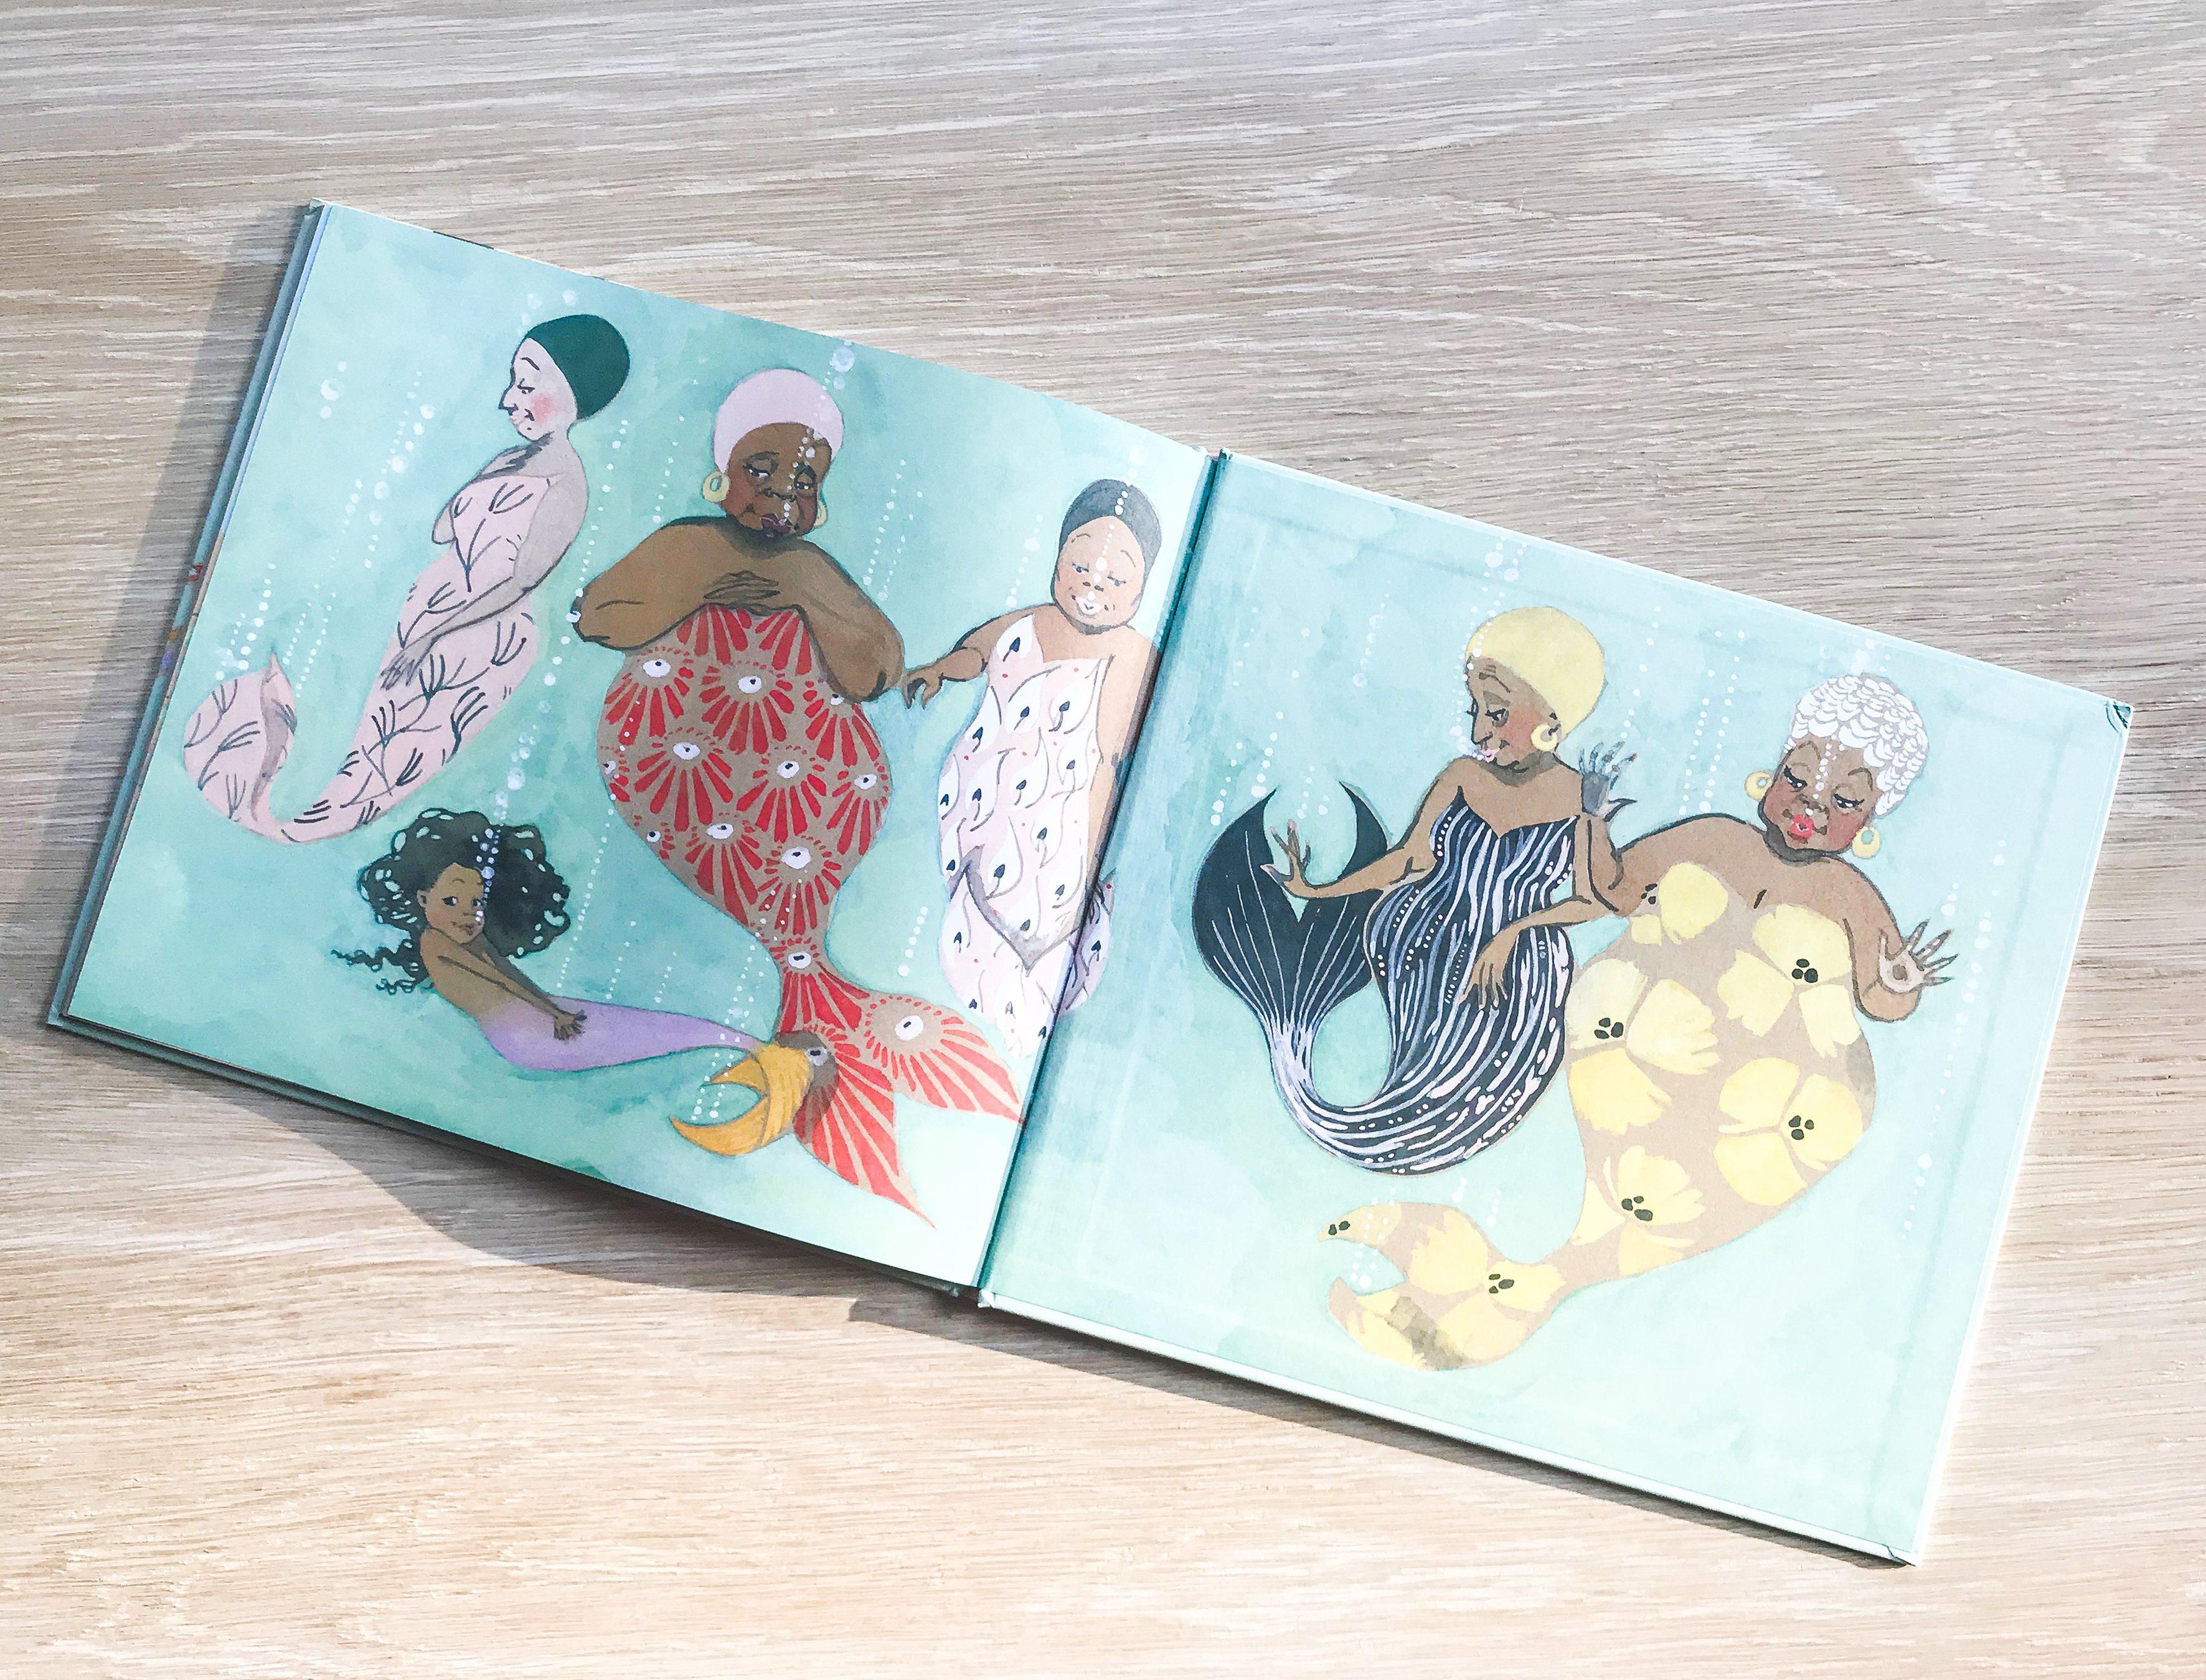 Children's Books that Foster Acceptance